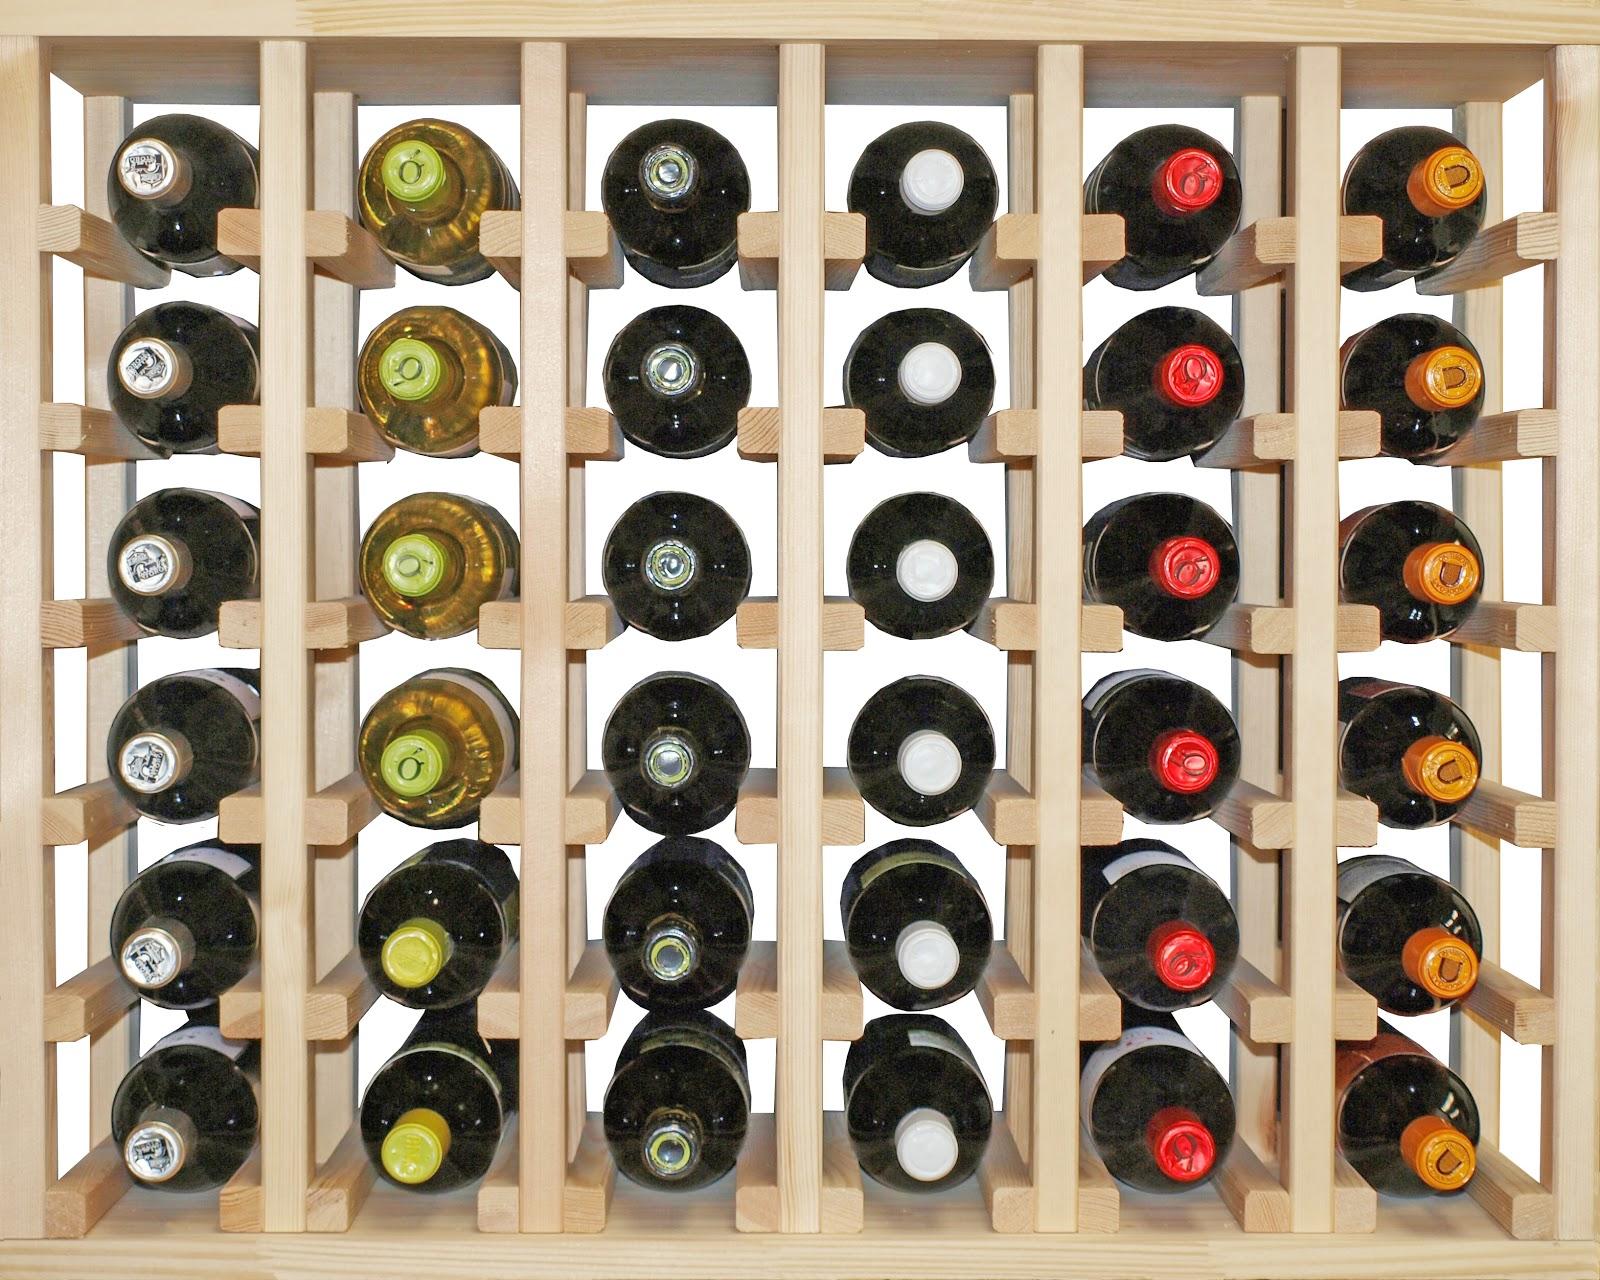 del vino y ya no te queda espacio para seguir añadiendo más botellas